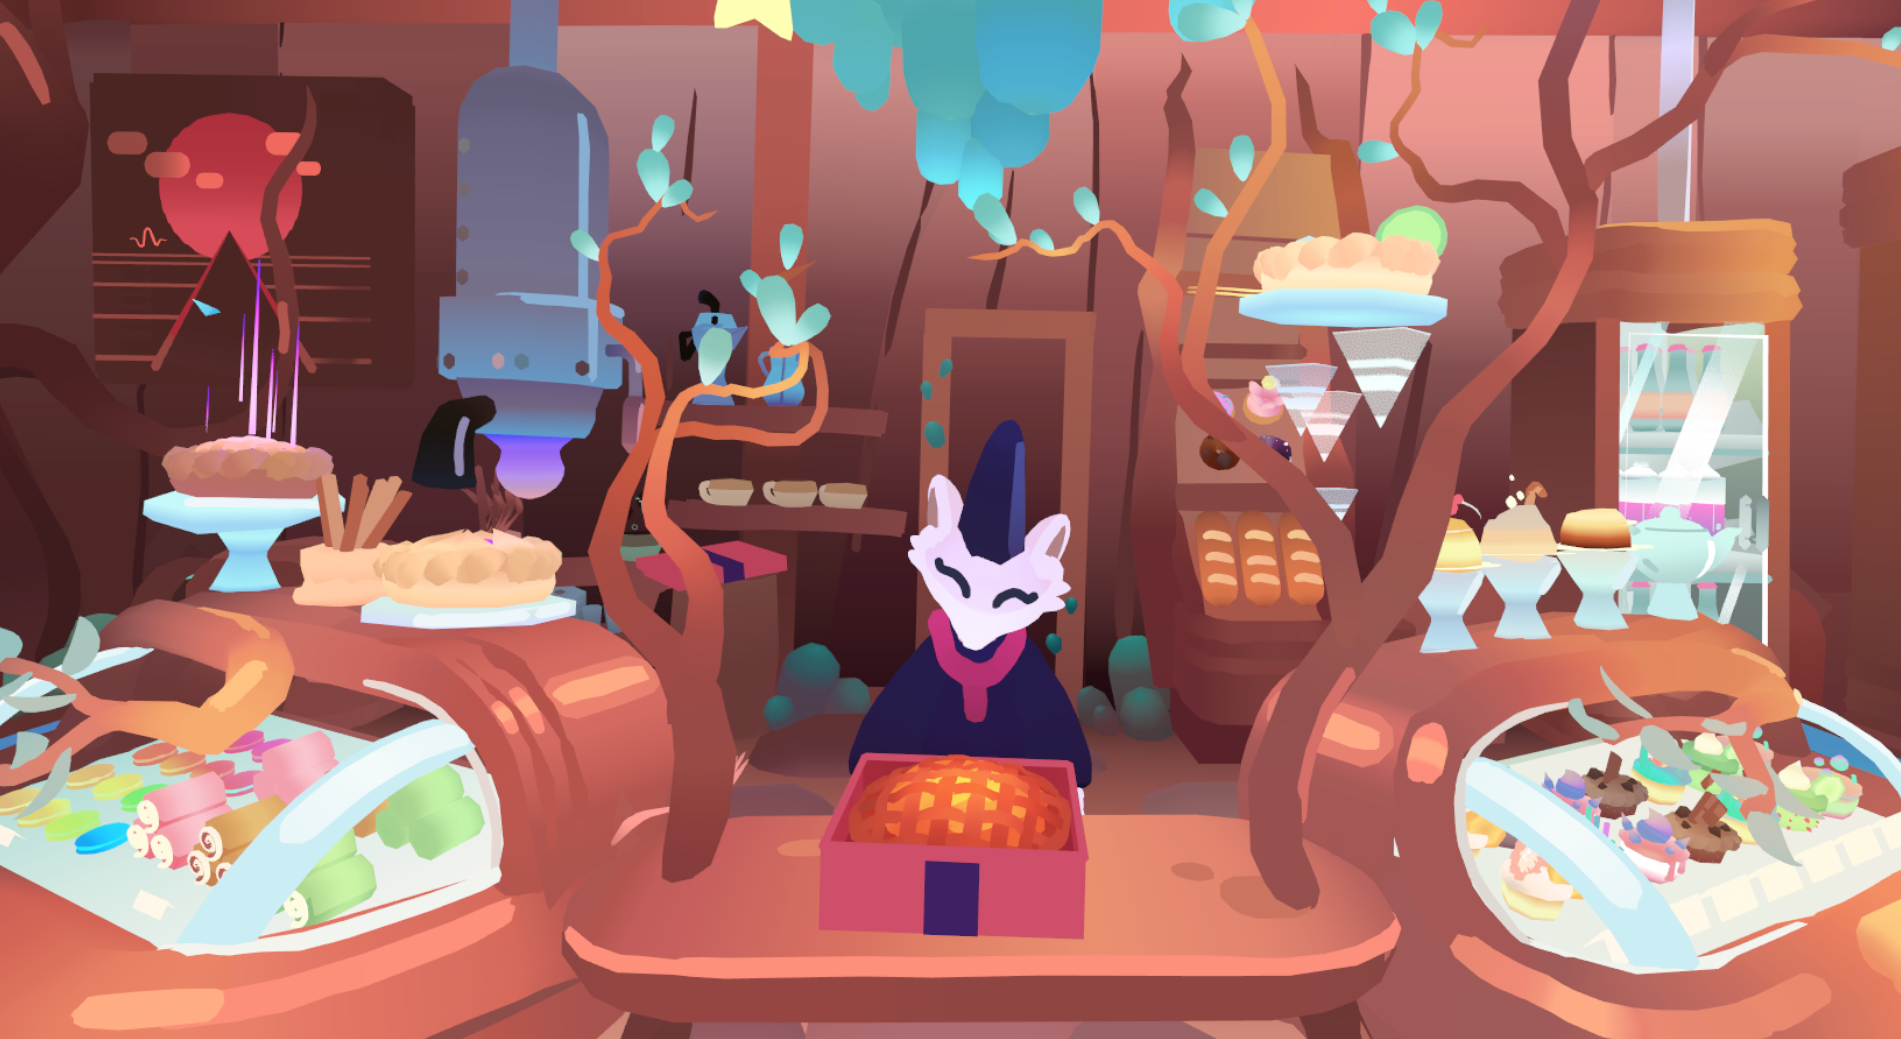 第1章『The Multiverse Bakery』のストーリー7